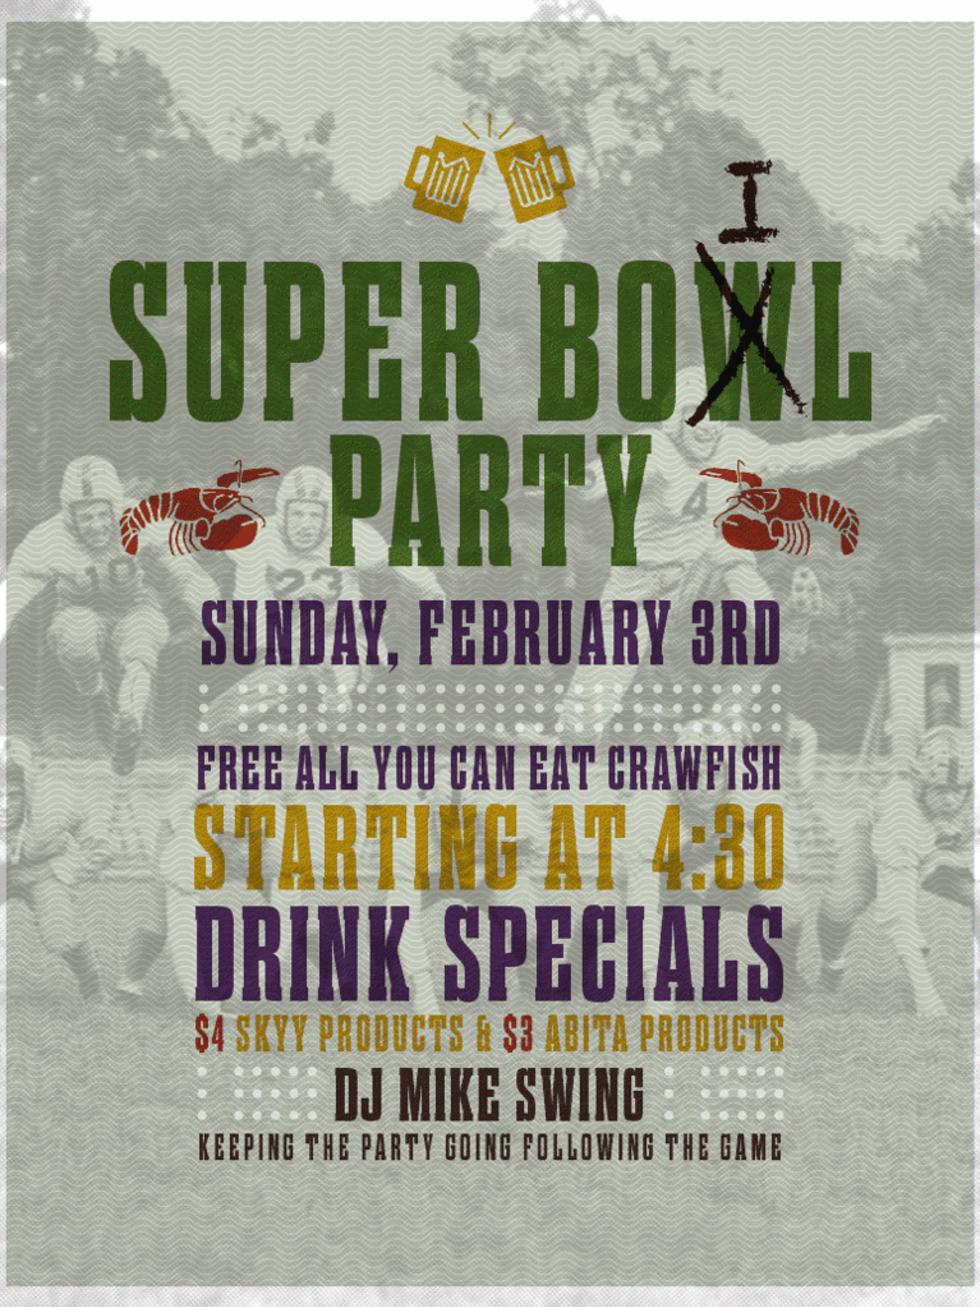 Austin photo: Events_Super Bowl Parties_Brew Exchange Super Boil_Jan 2013_flyer